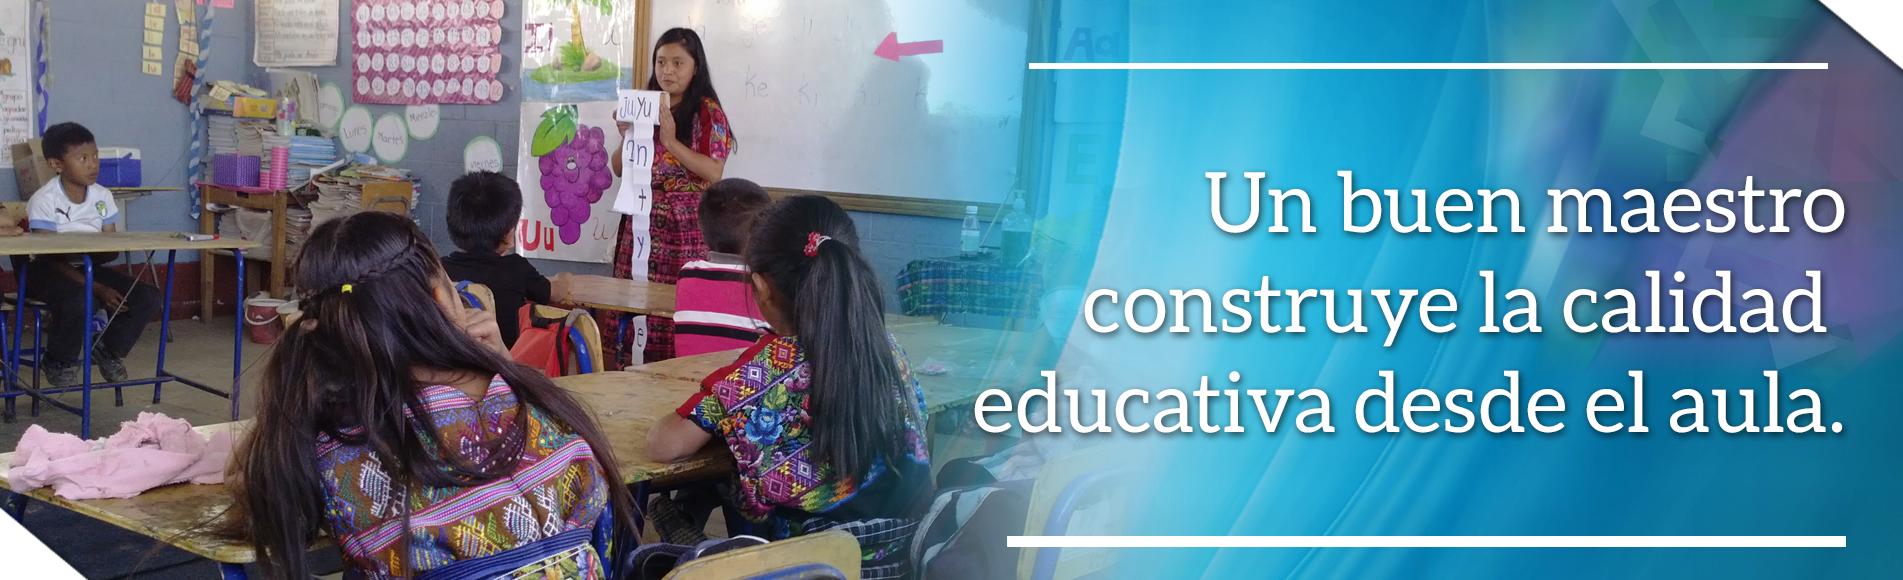 Educacion31